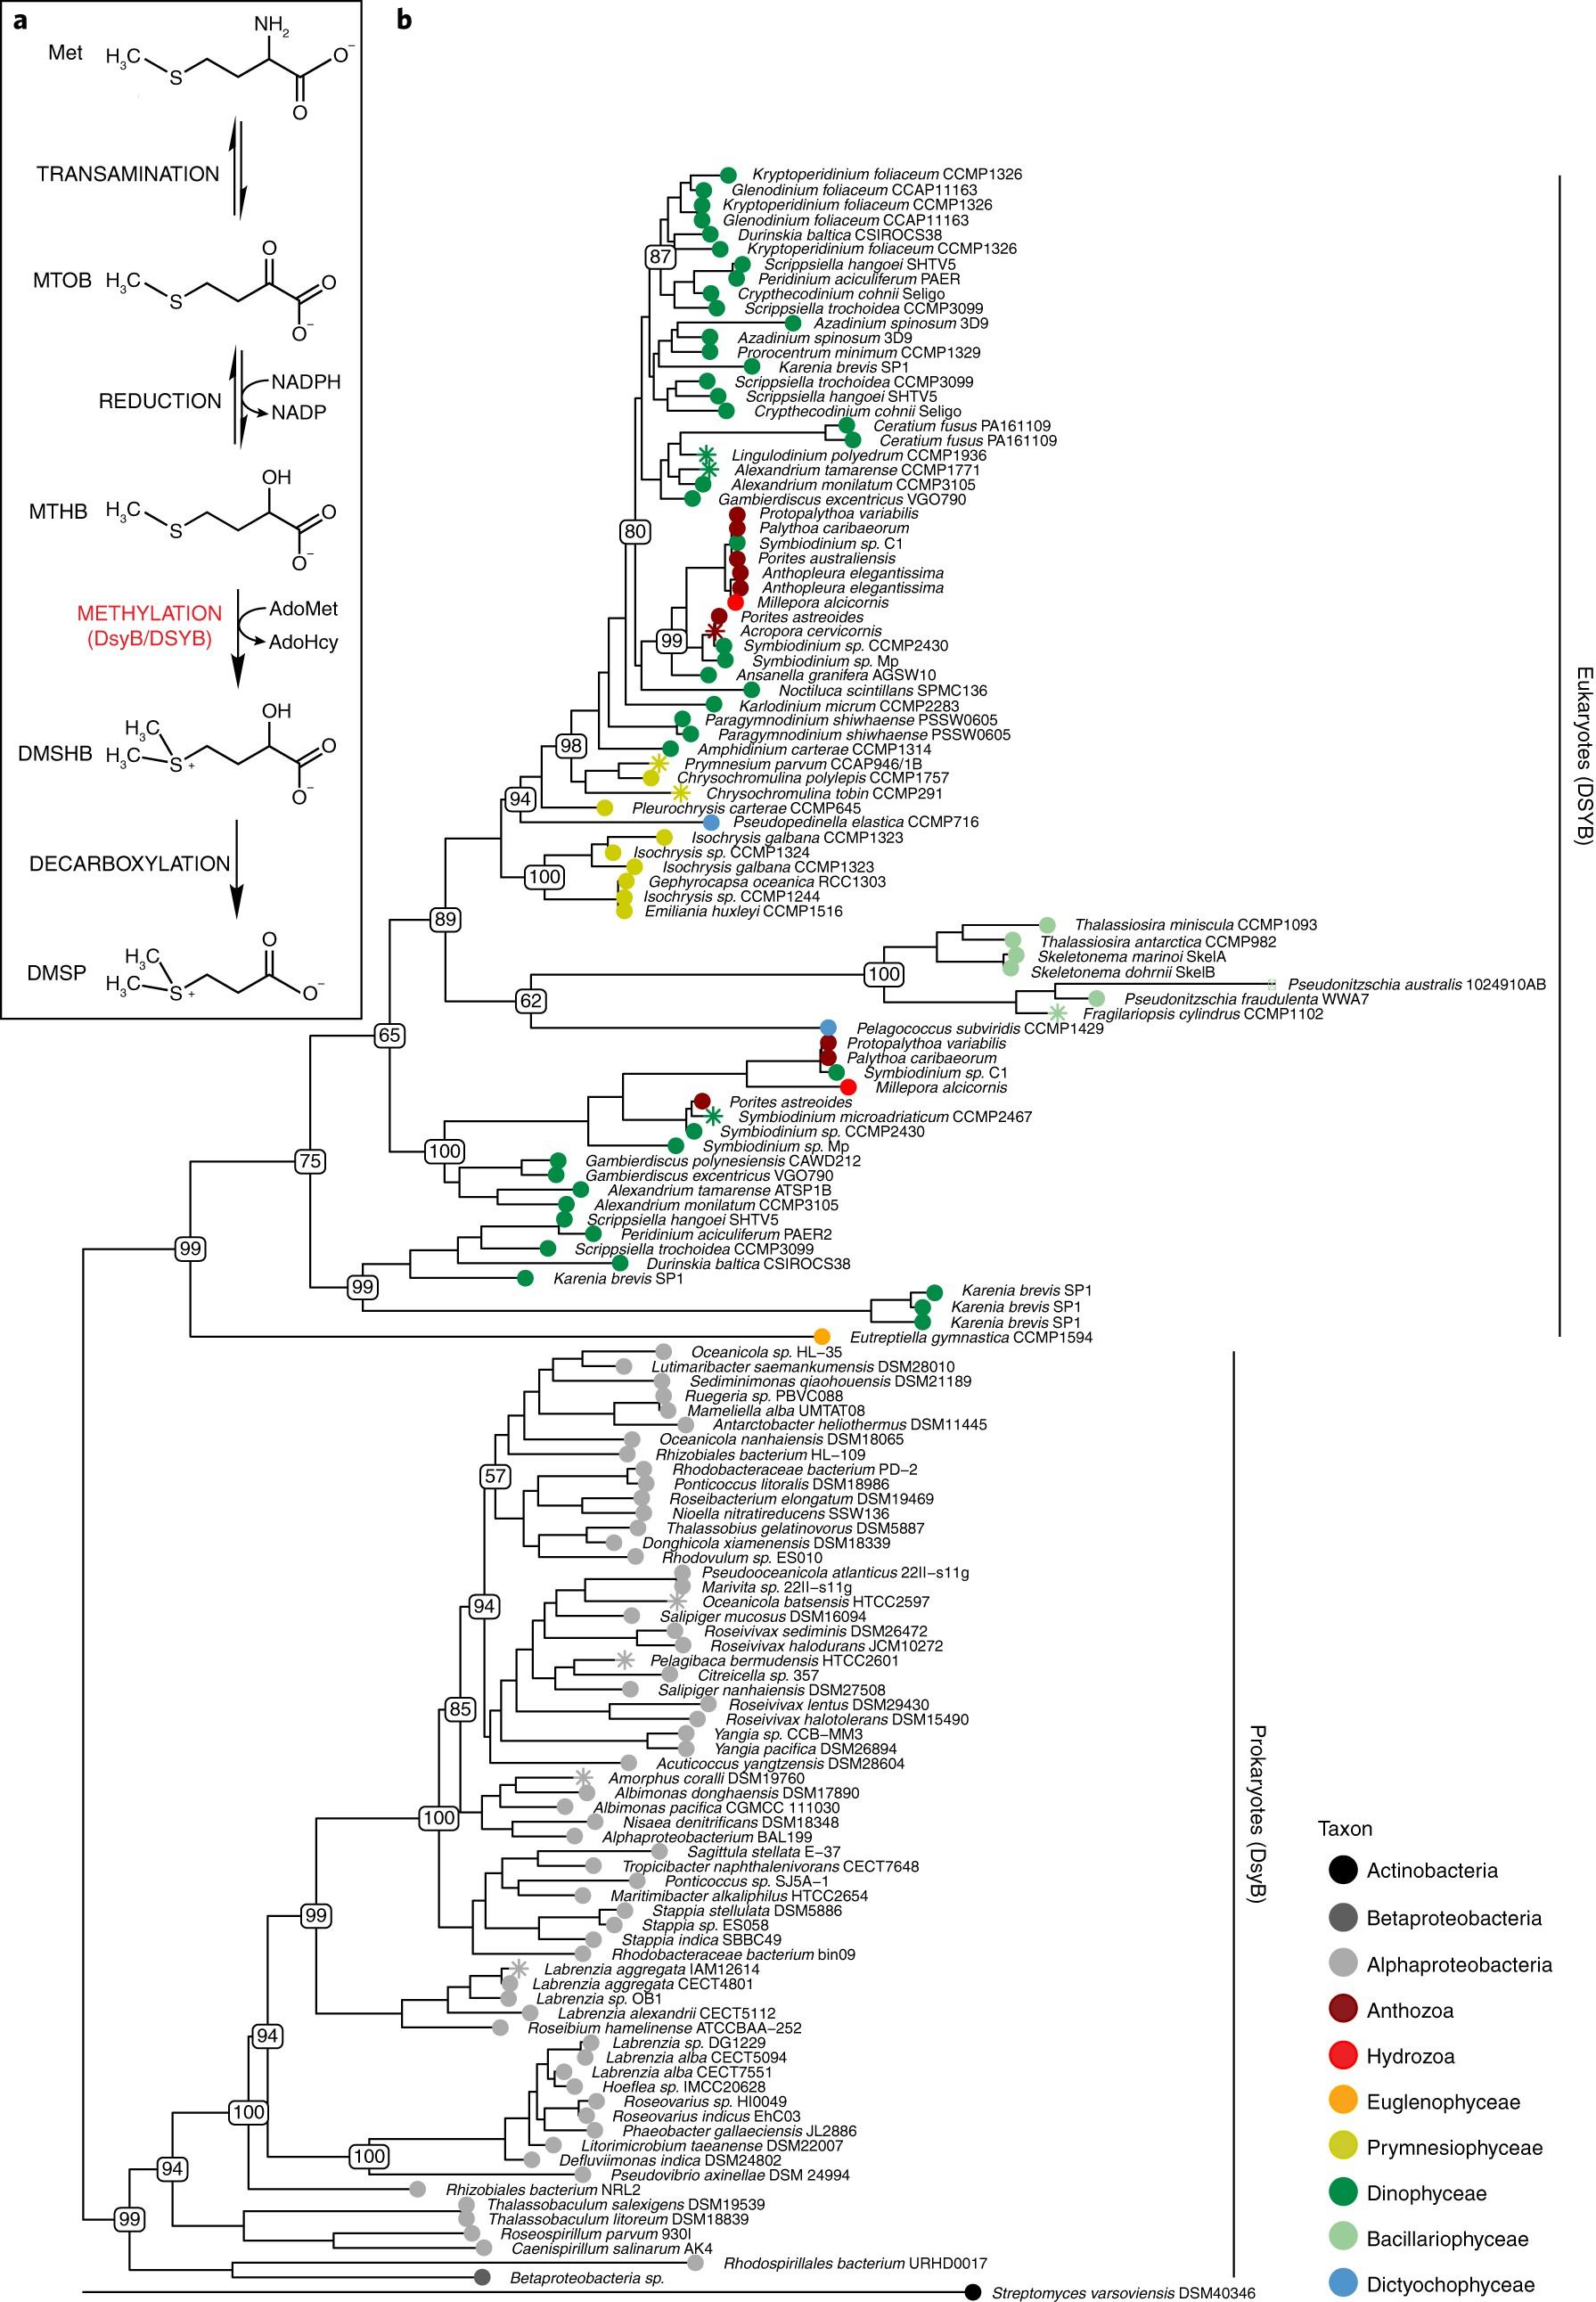 DSYB catalyses the key step of dimethylsulfoniopropionate